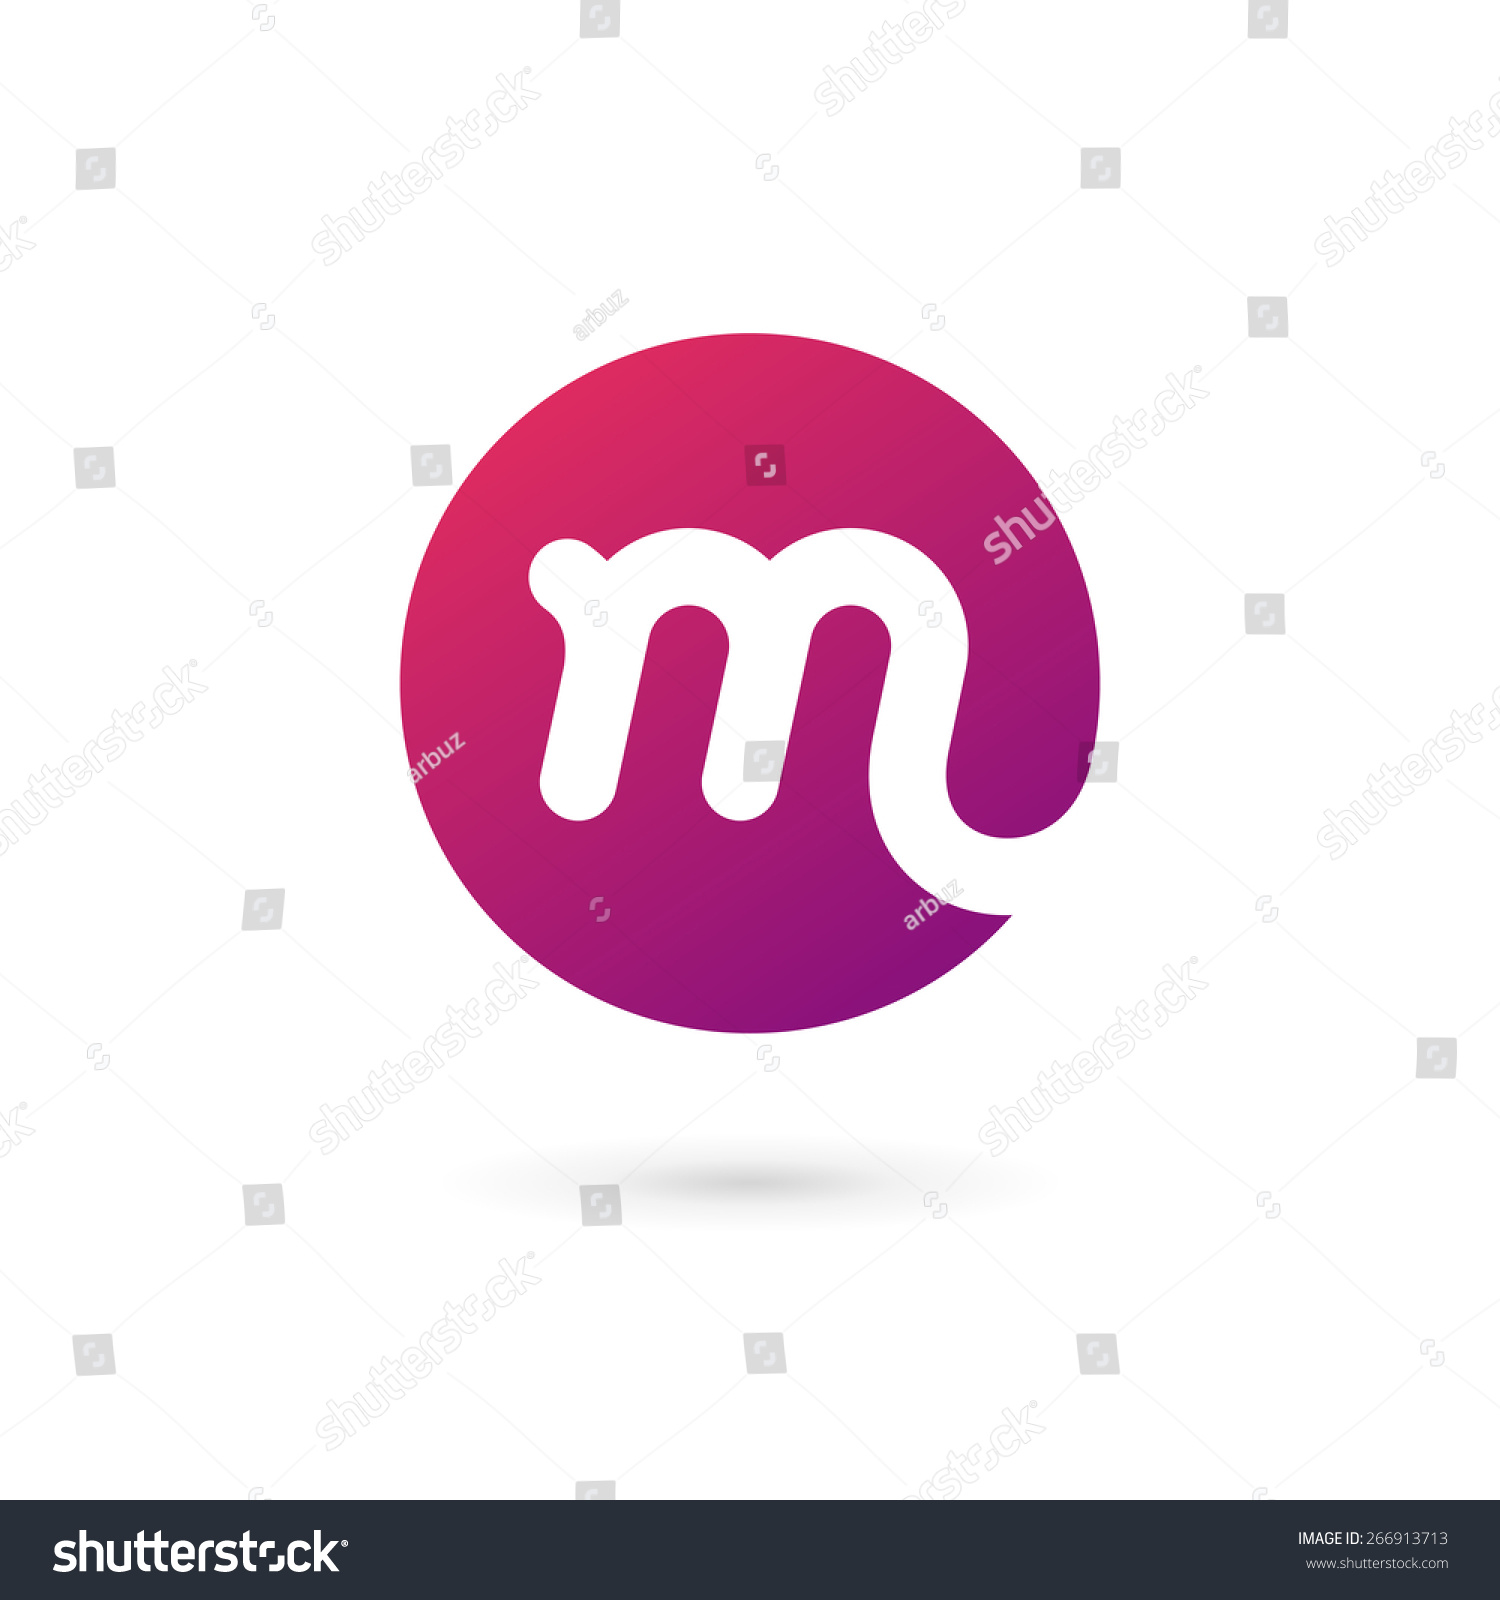 字母m标志图标设计模板元素-符号/标志,抽象-海洛创意